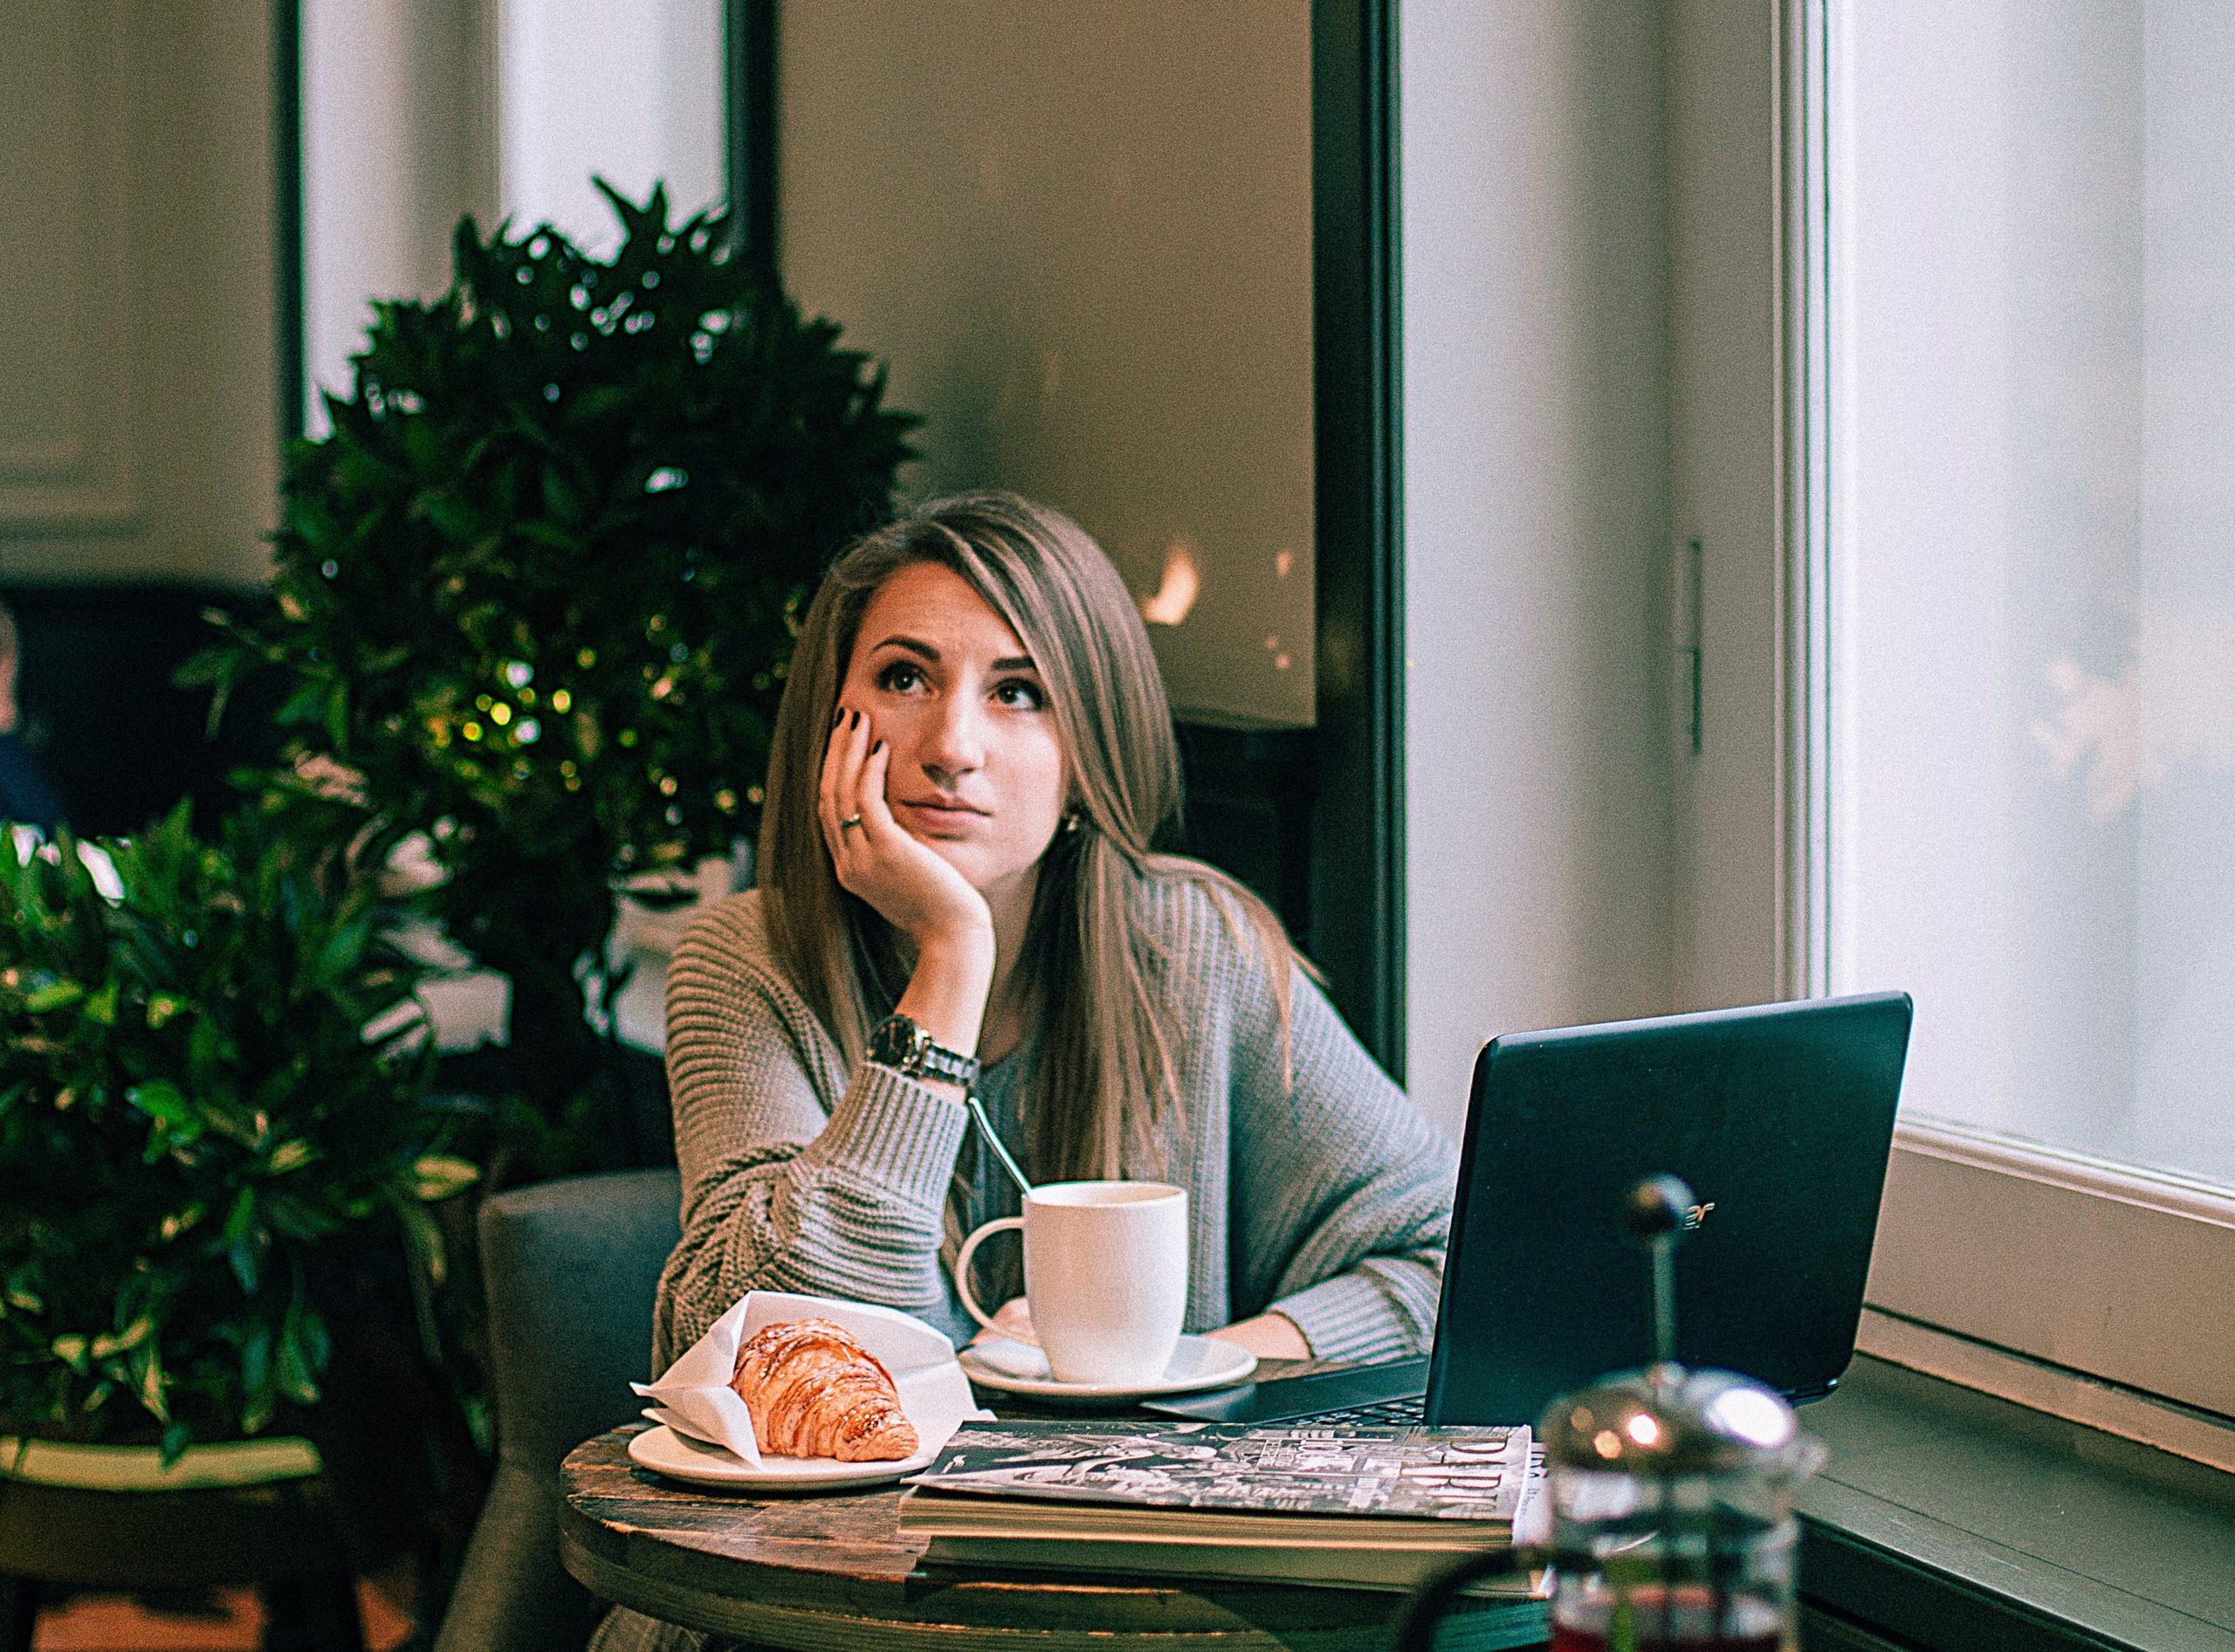 人間関係が良い職場を探す方法【働くイメージができるかどうかで選ぶ】